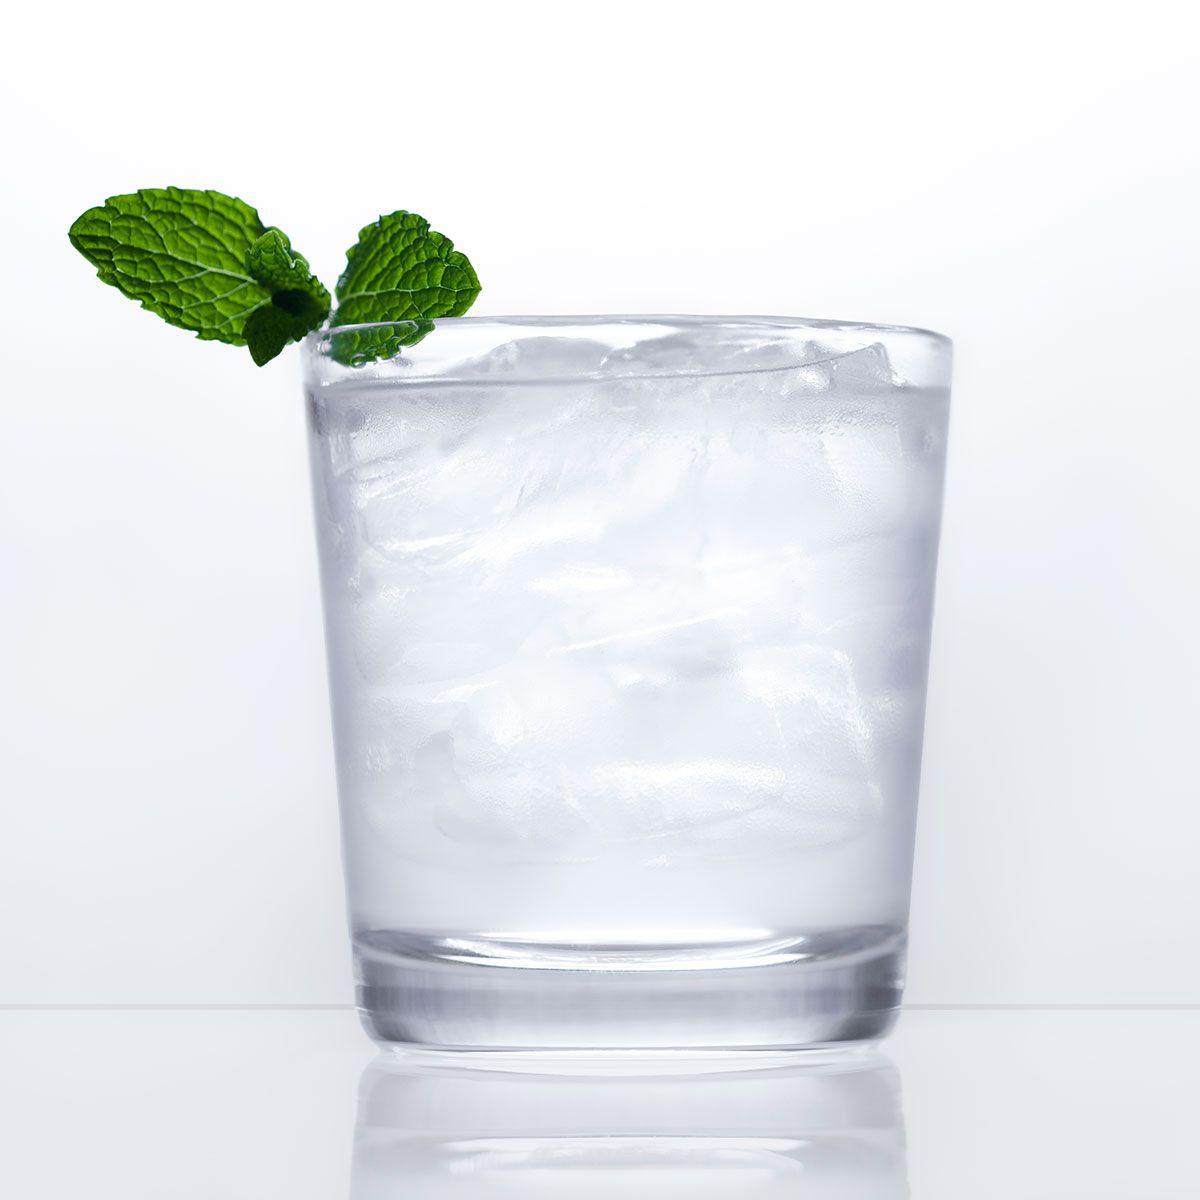 """<p>水は、肌と体の水分量をアップさせてくれる。さらに「便秘解消にも効果的」と語るのは、『The Small Change Diet』の著者で管理栄養士のケリー・ガンズ氏。便秘になると腸内にガスが発生し、おなかが張りやすい。だから便秘を解消すれば、おなかの張りも抑えることができるというわけ。ついでに新陳代謝を上げたい人は、食事の30分前に水を500ミリリットル飲んでみて。ある研究では、体内の水分量が多い人の方が、少ない人よりも、痩せやすいことが報告されている。<span class=""""redactor-invisible-space"""" data-verified=""""redactor"""" data-redactor-tag=""""span"""" data-redactor-class=""""redactor-invisible-space""""></span></p>"""